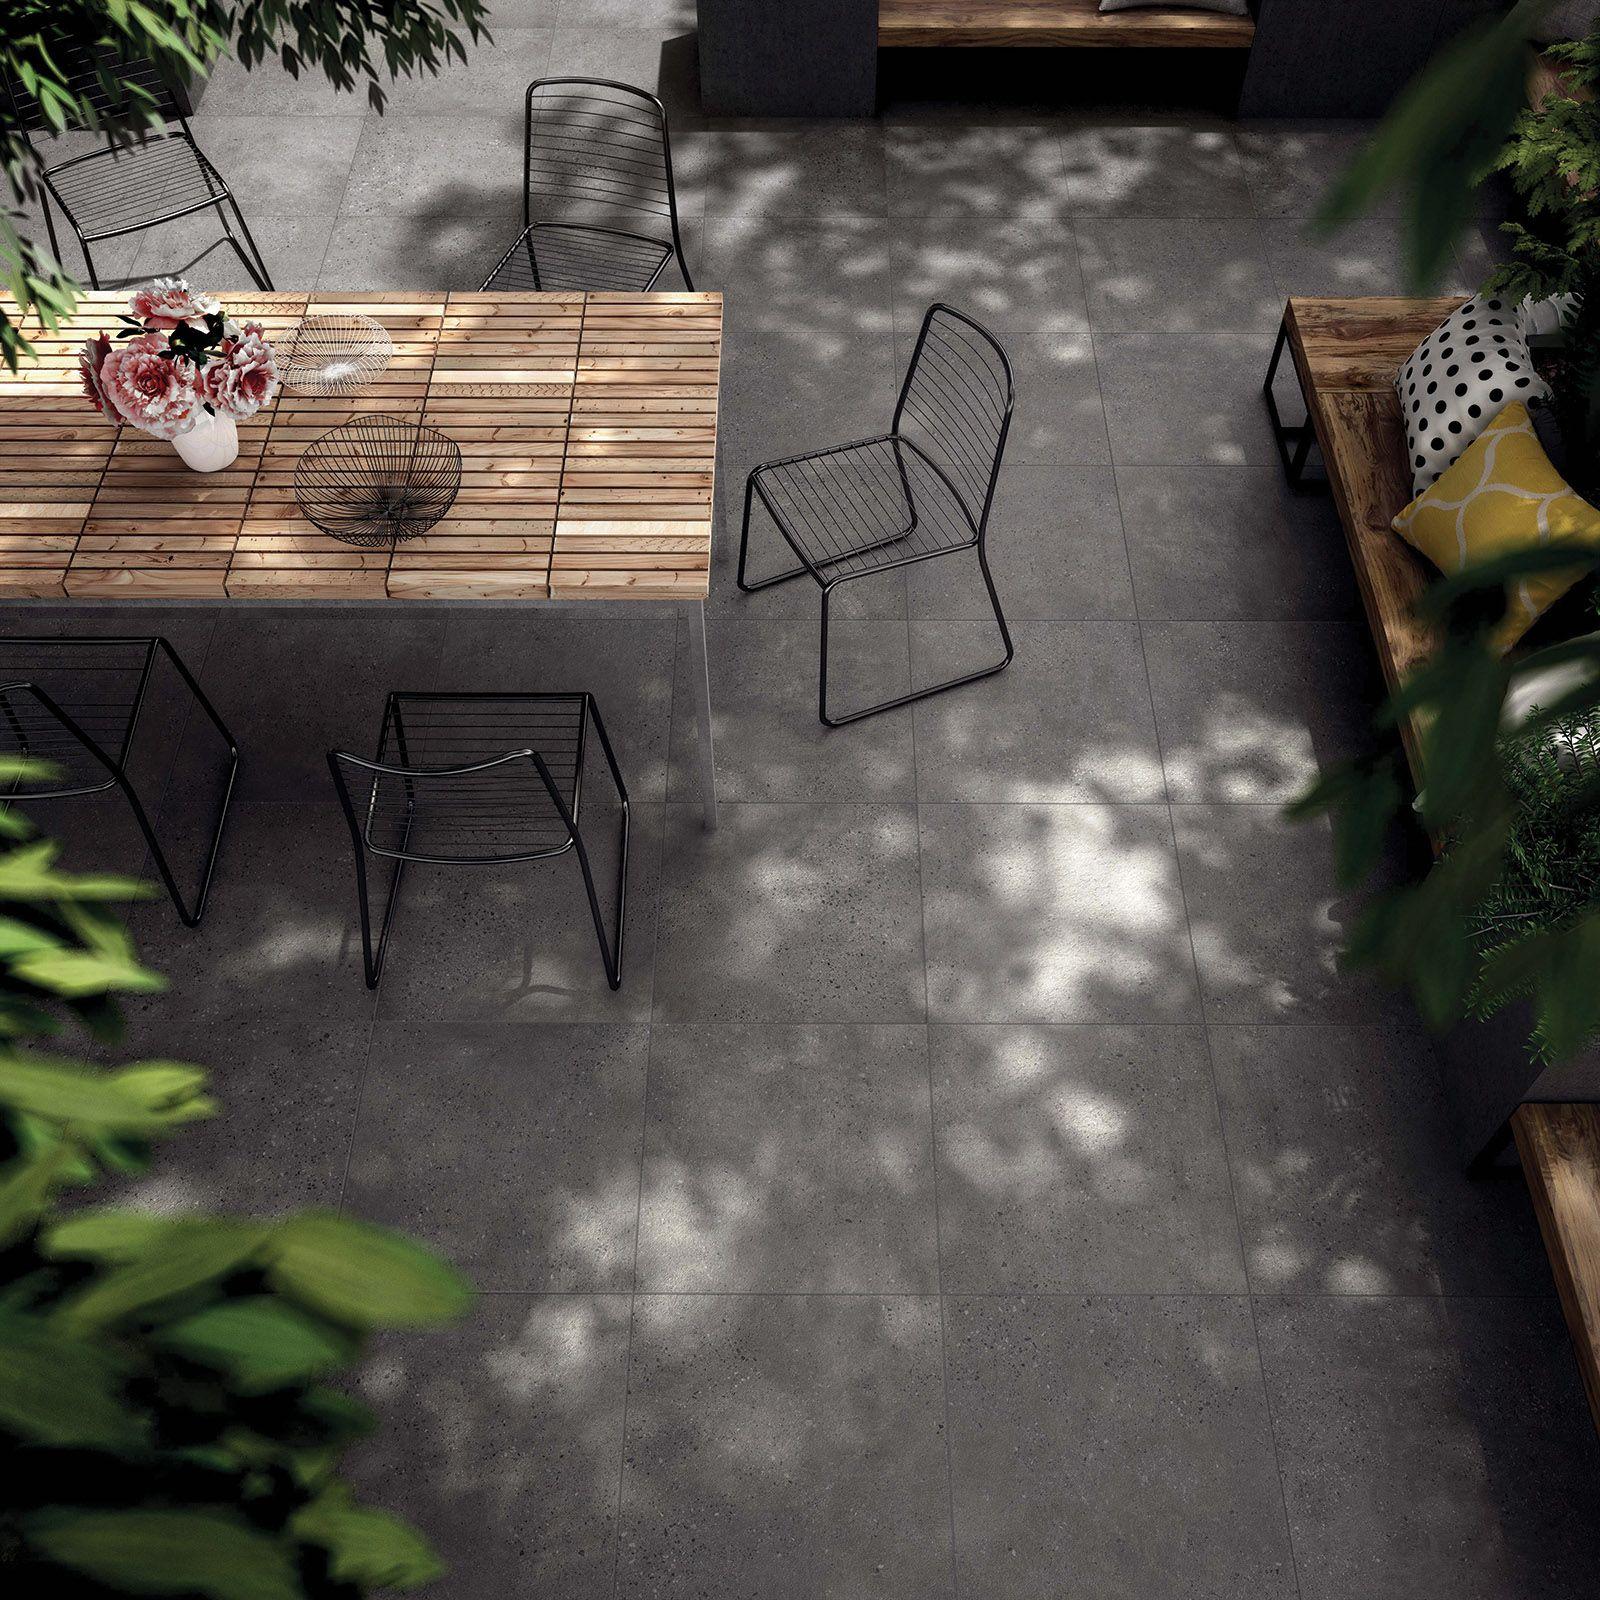 perfect garden dcor design idea for a intimate courtyard patio or seclude adult garden